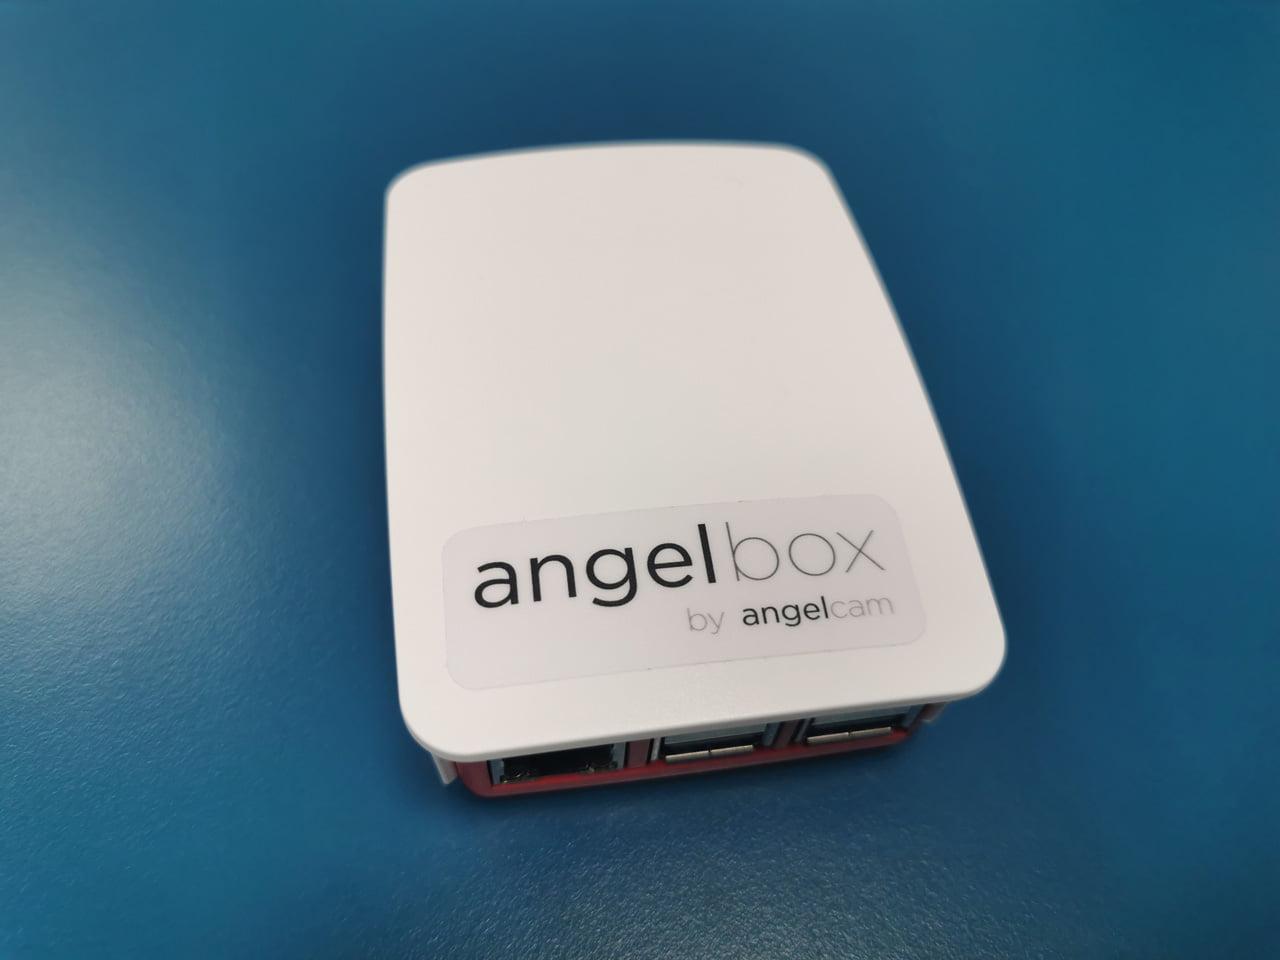 Angelbox od české společnosti Angelcam